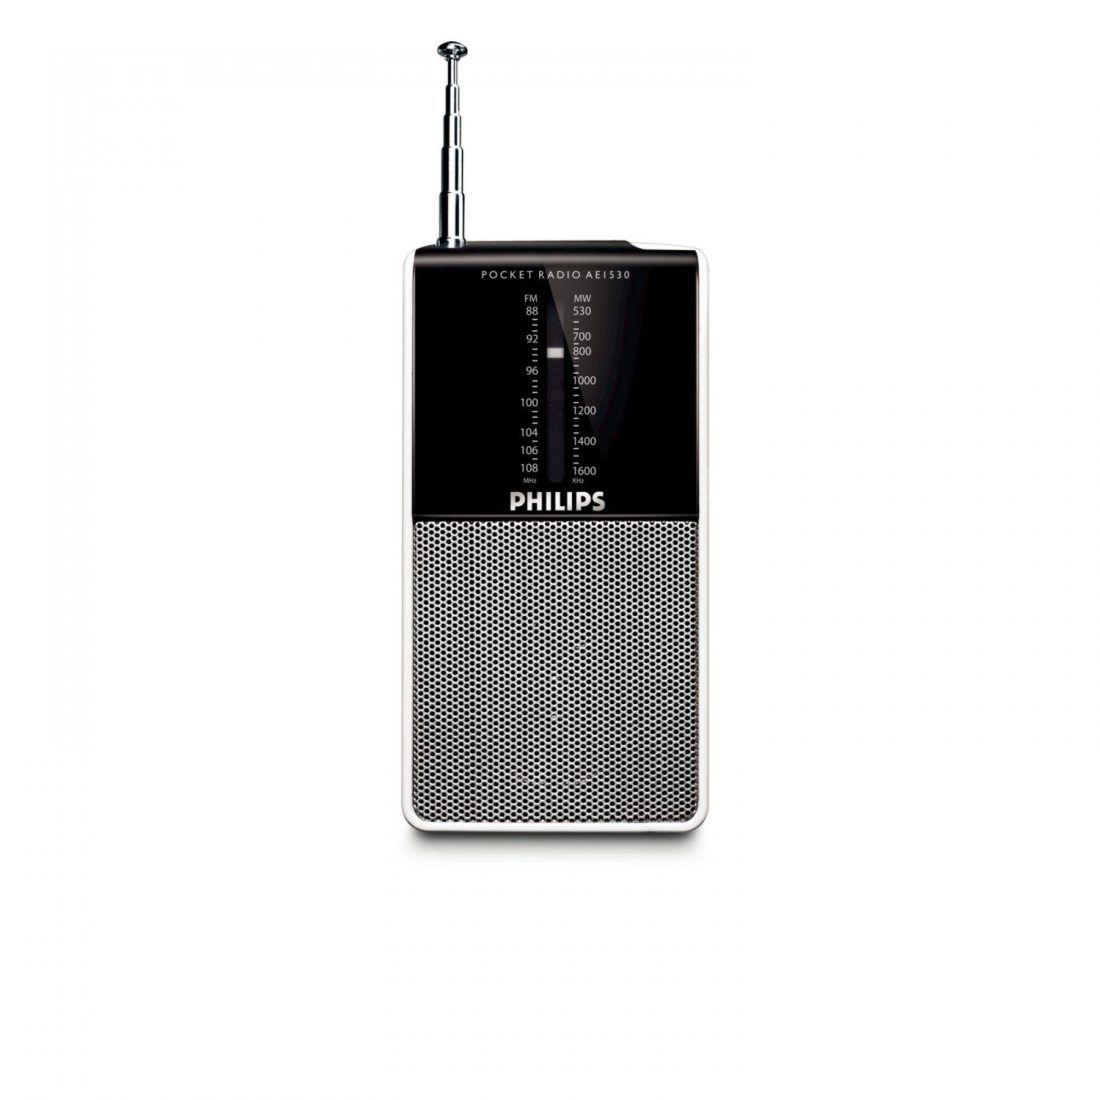 Philips AE1530 Radio Portable FM de Poche à Piles (2xLR3) avec Molette Volume, Prise Casque, Simple à Utiliser